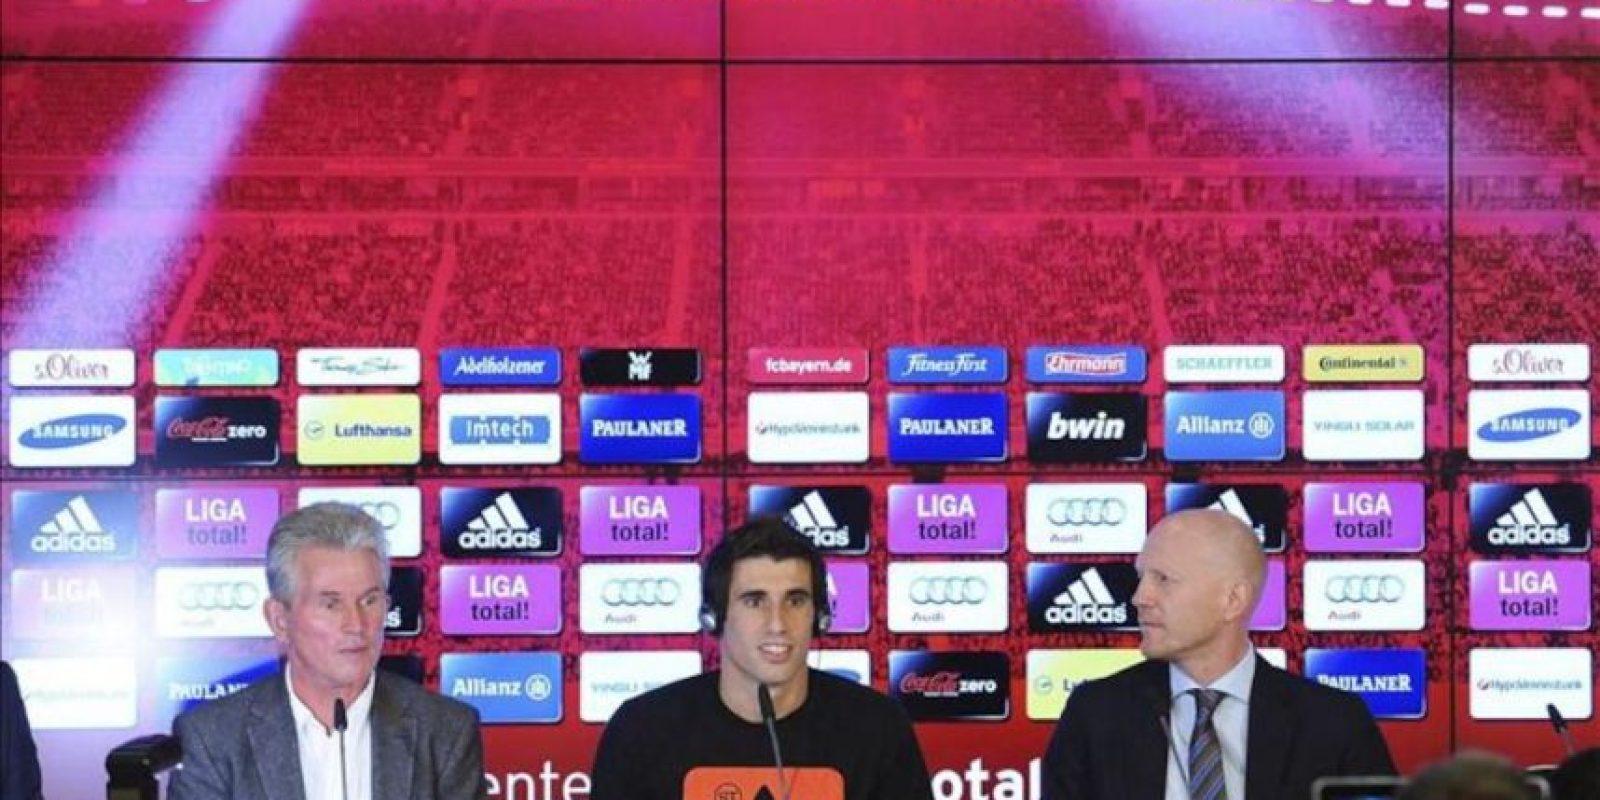 El centrocampista español Javi Martínez ofrece hoy una rueda de prensa con motivo de su presentación como nuevo jugador del Bayern de Múnich junto a su nuevo entrenador, Jupp Heynckes (izda), y el director deportivo del Bayern, Matthias Sammer (dcha). EFE